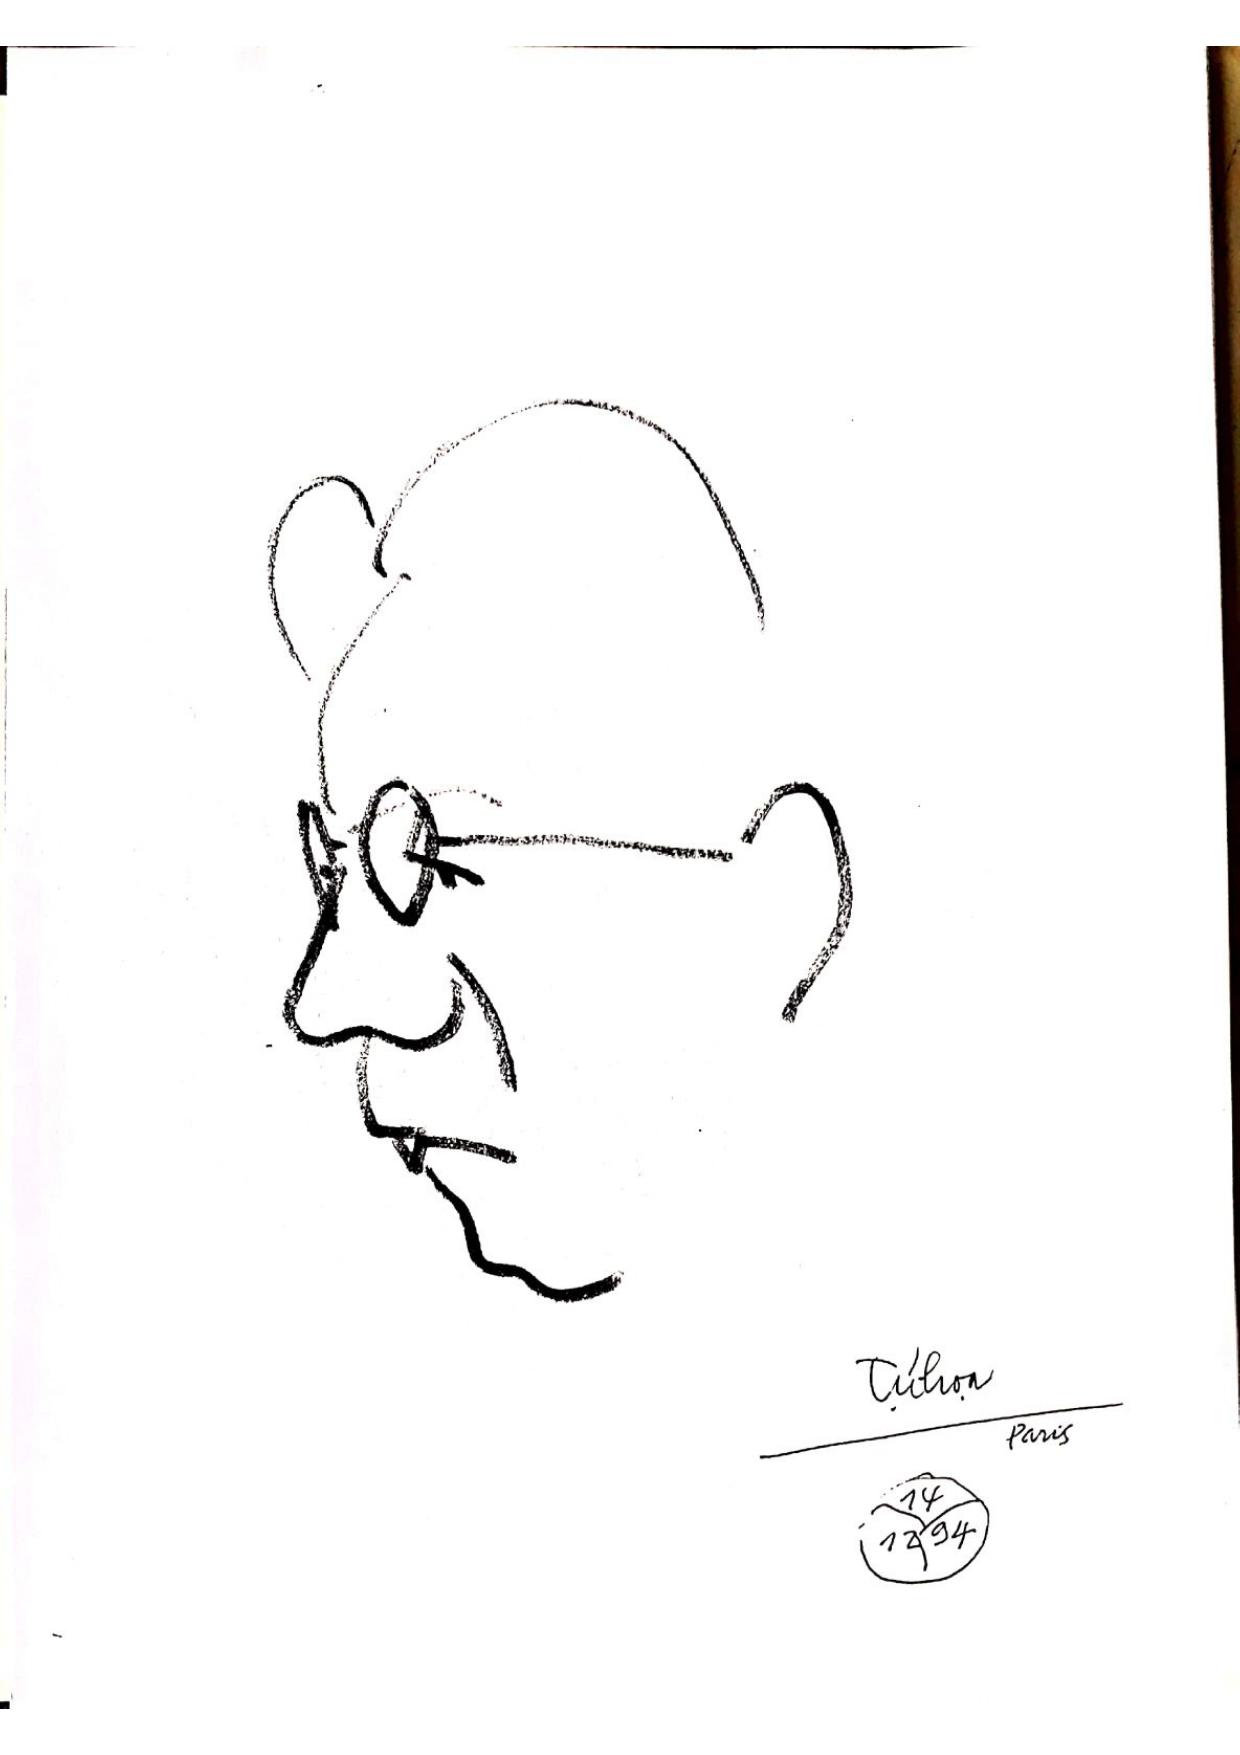 Lưu bút Paris tháng 12 năm 1994